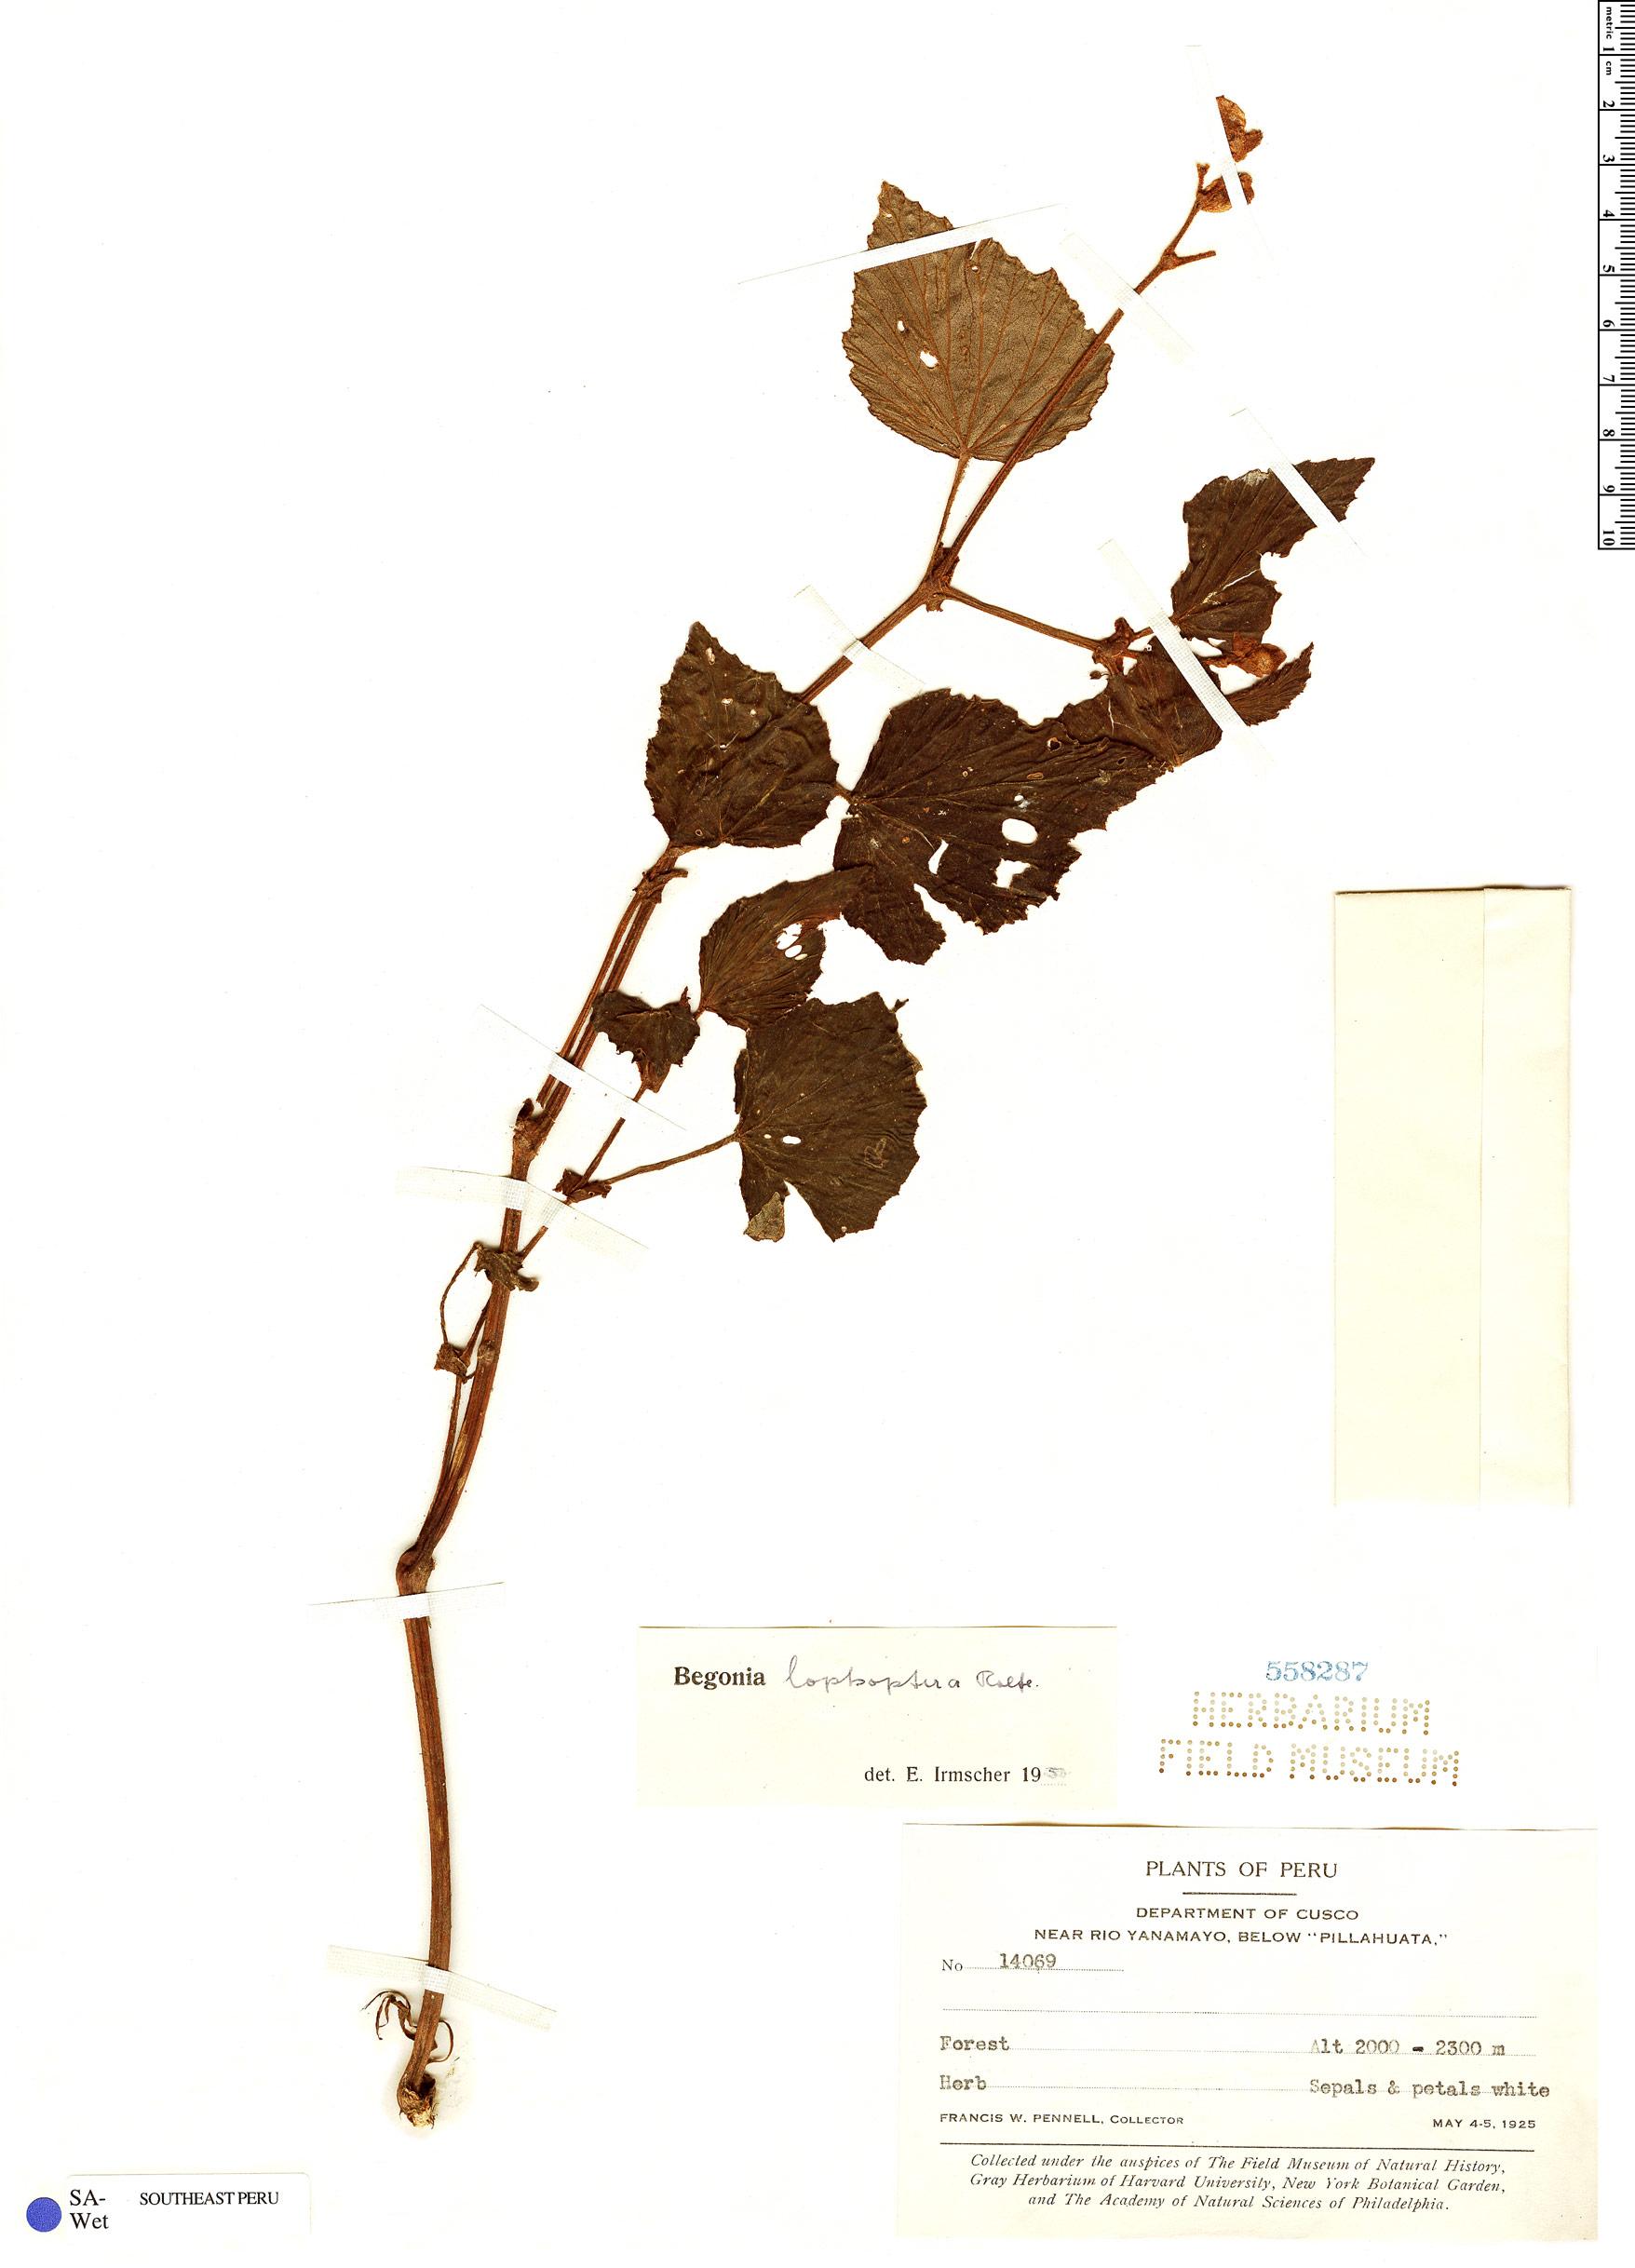 Specimen: Begonia lophoptera